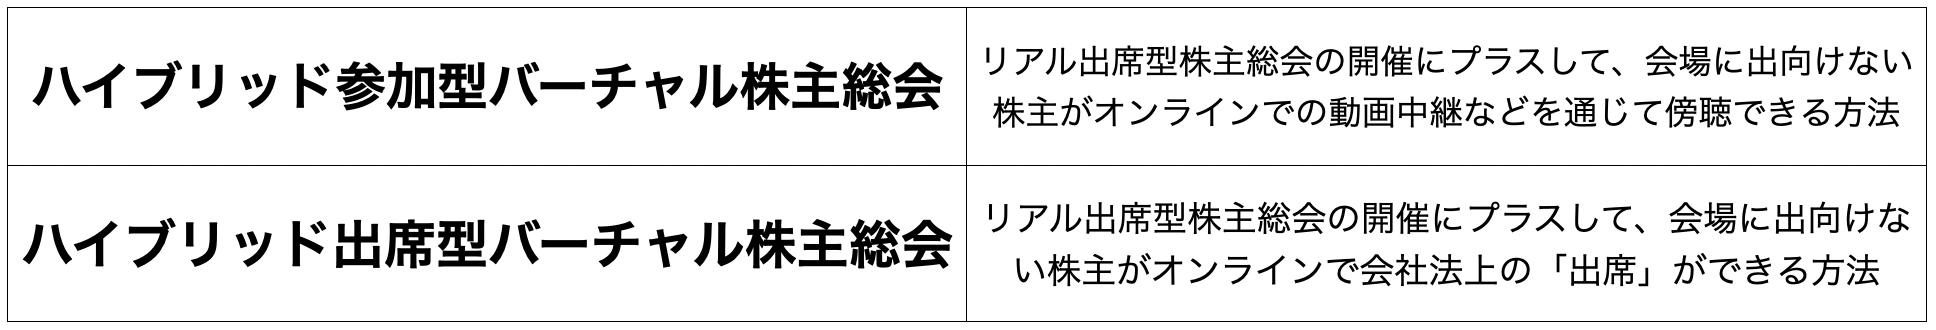 バーチャル株主総会